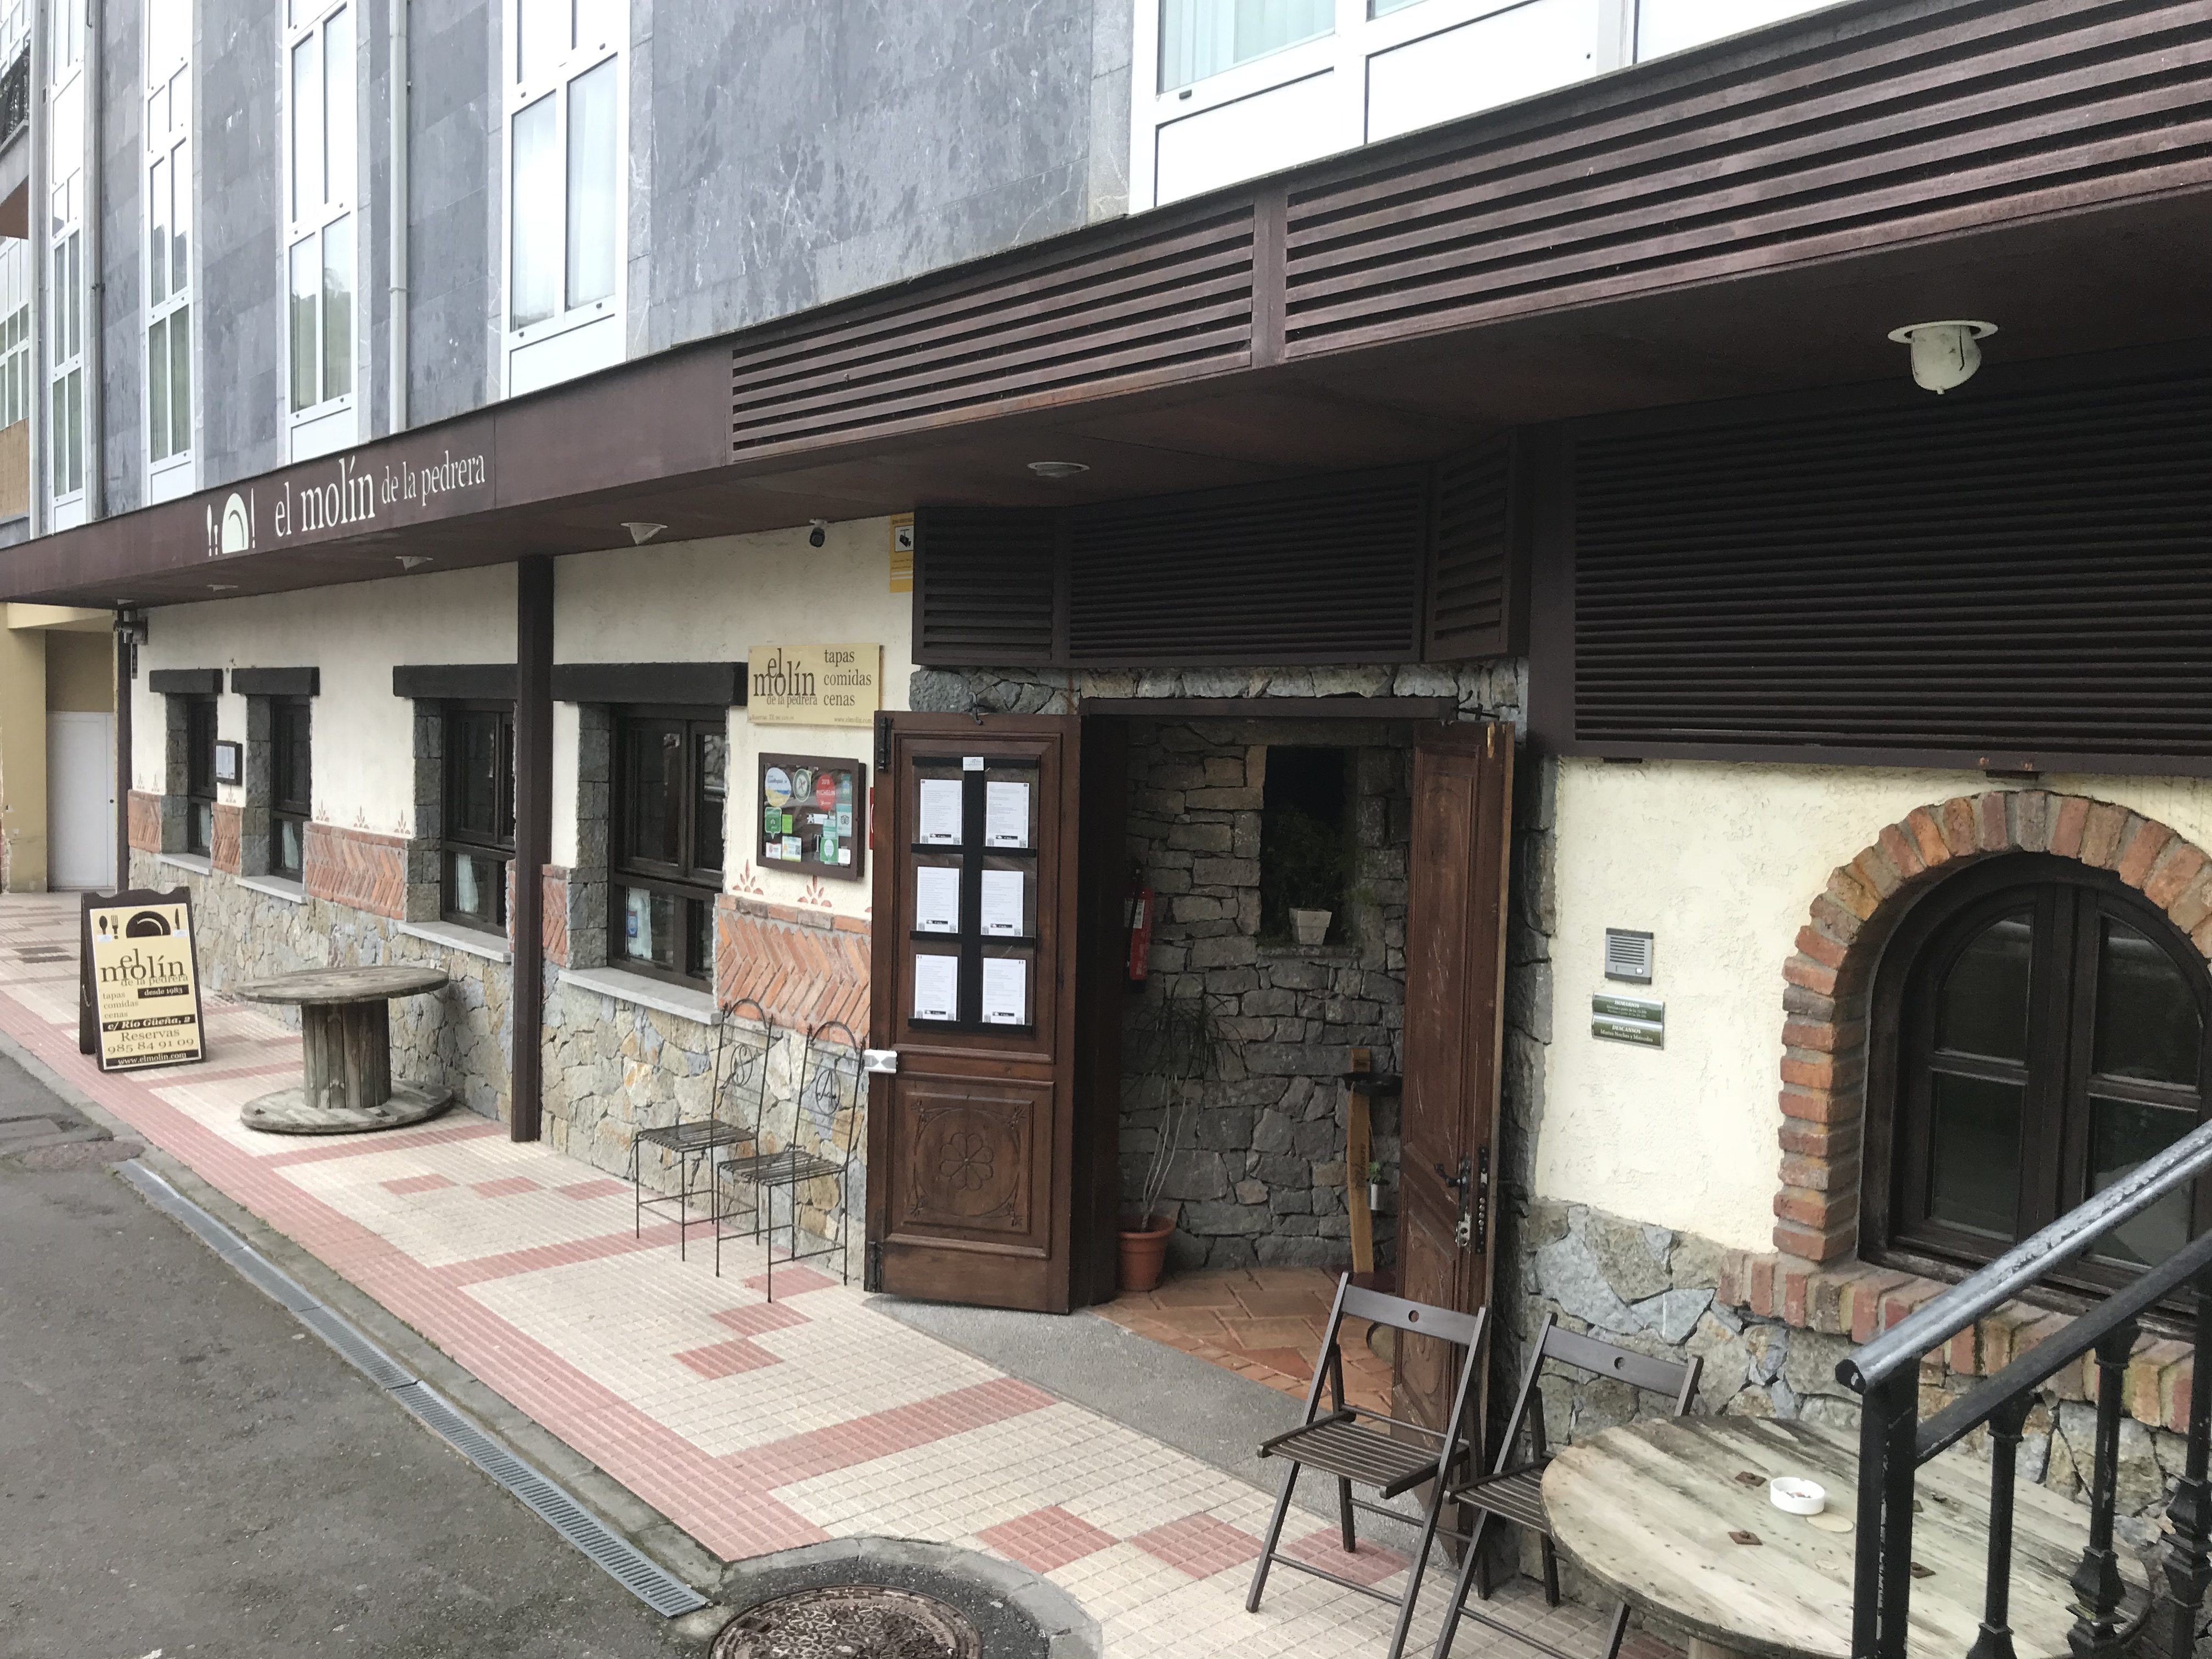 Restaurante El Molin de la Pedrera